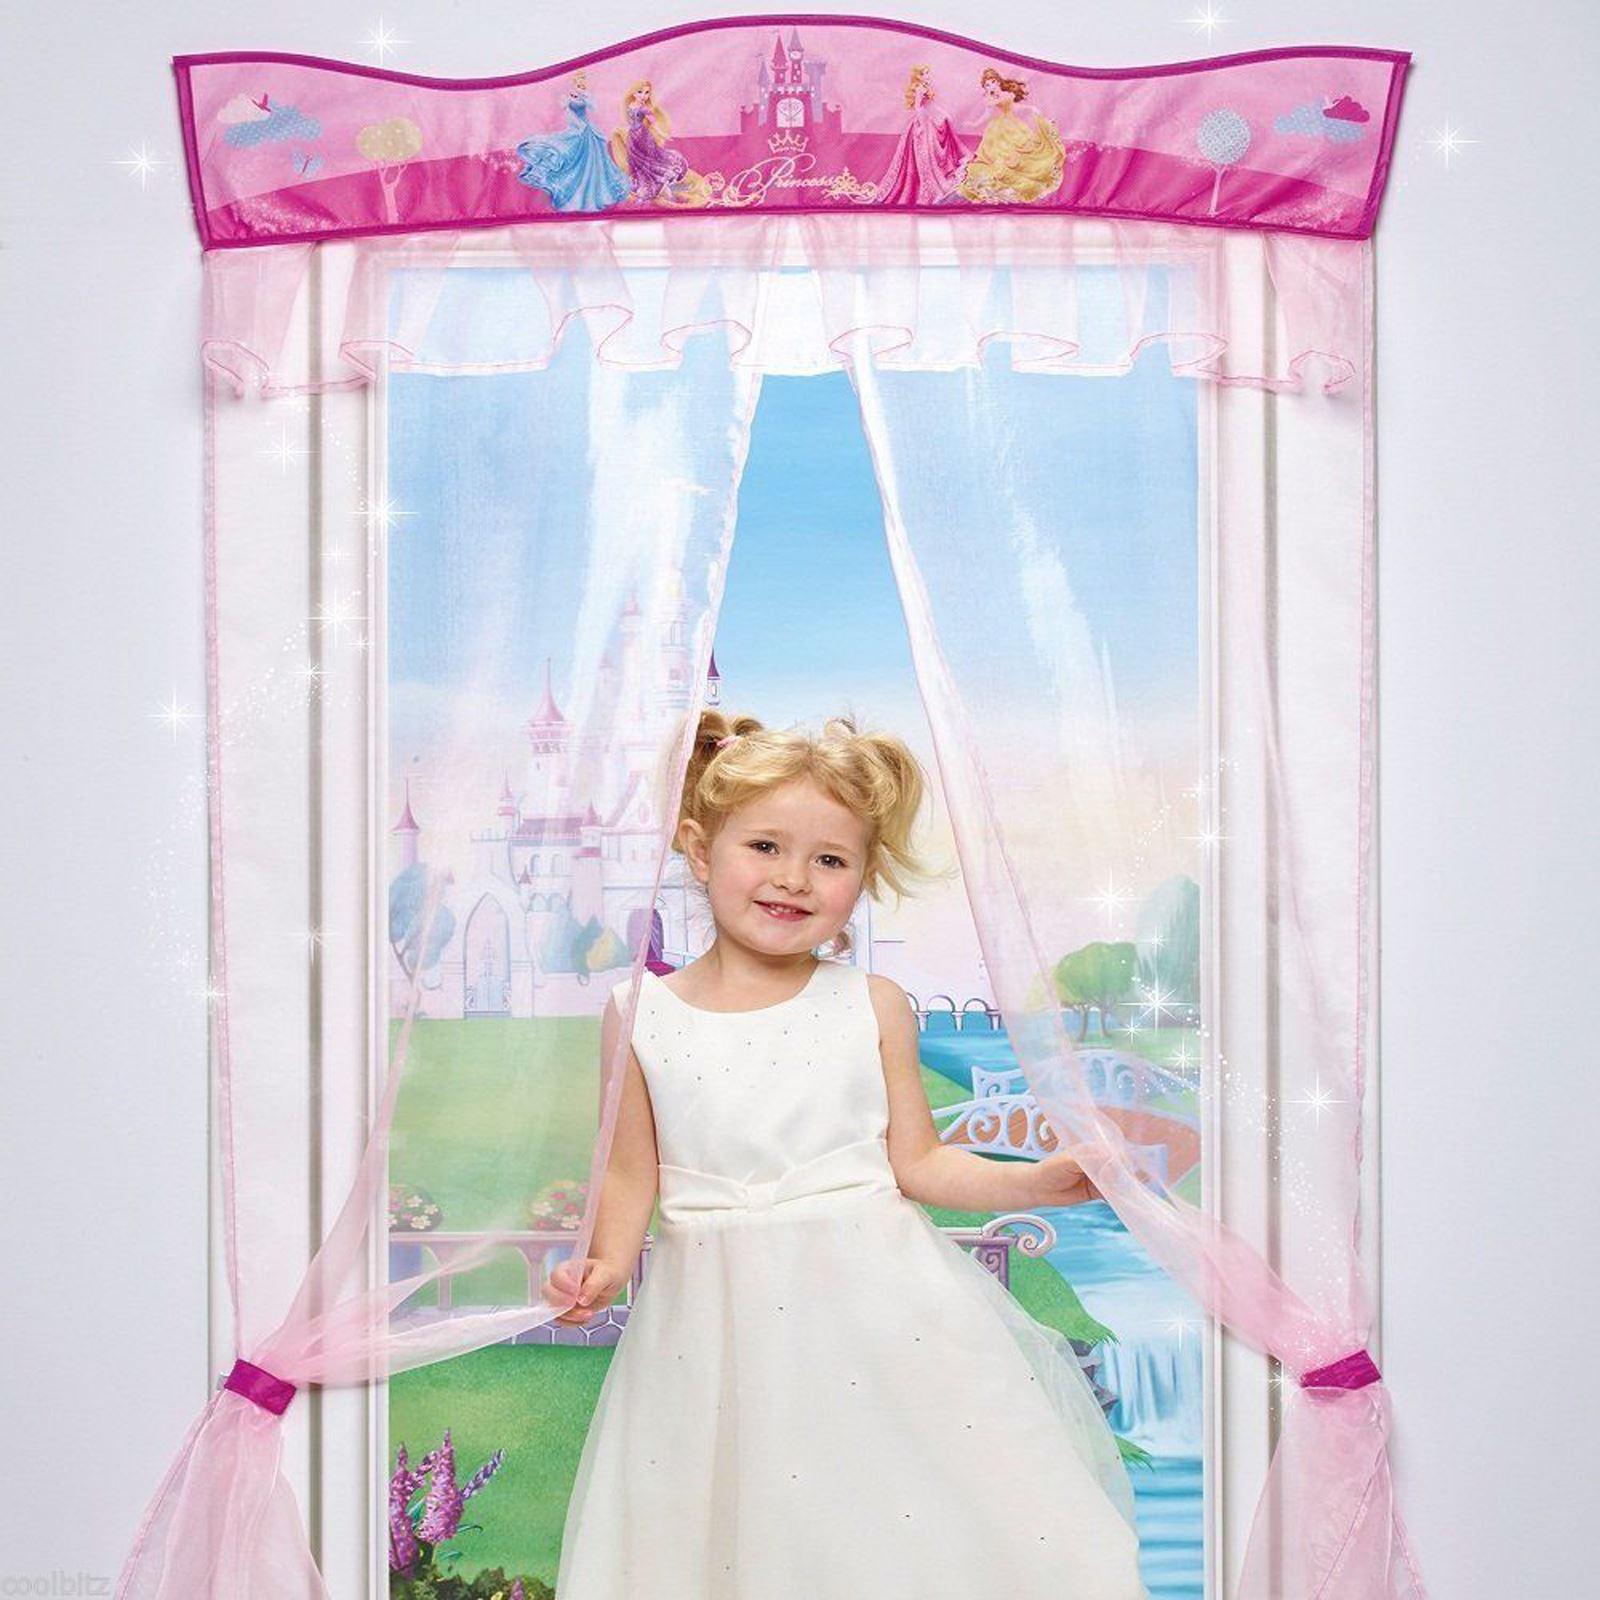 DISNEY PRINCESS DOOR DECOR CURTAIN NEW GIRLS BEDROOM